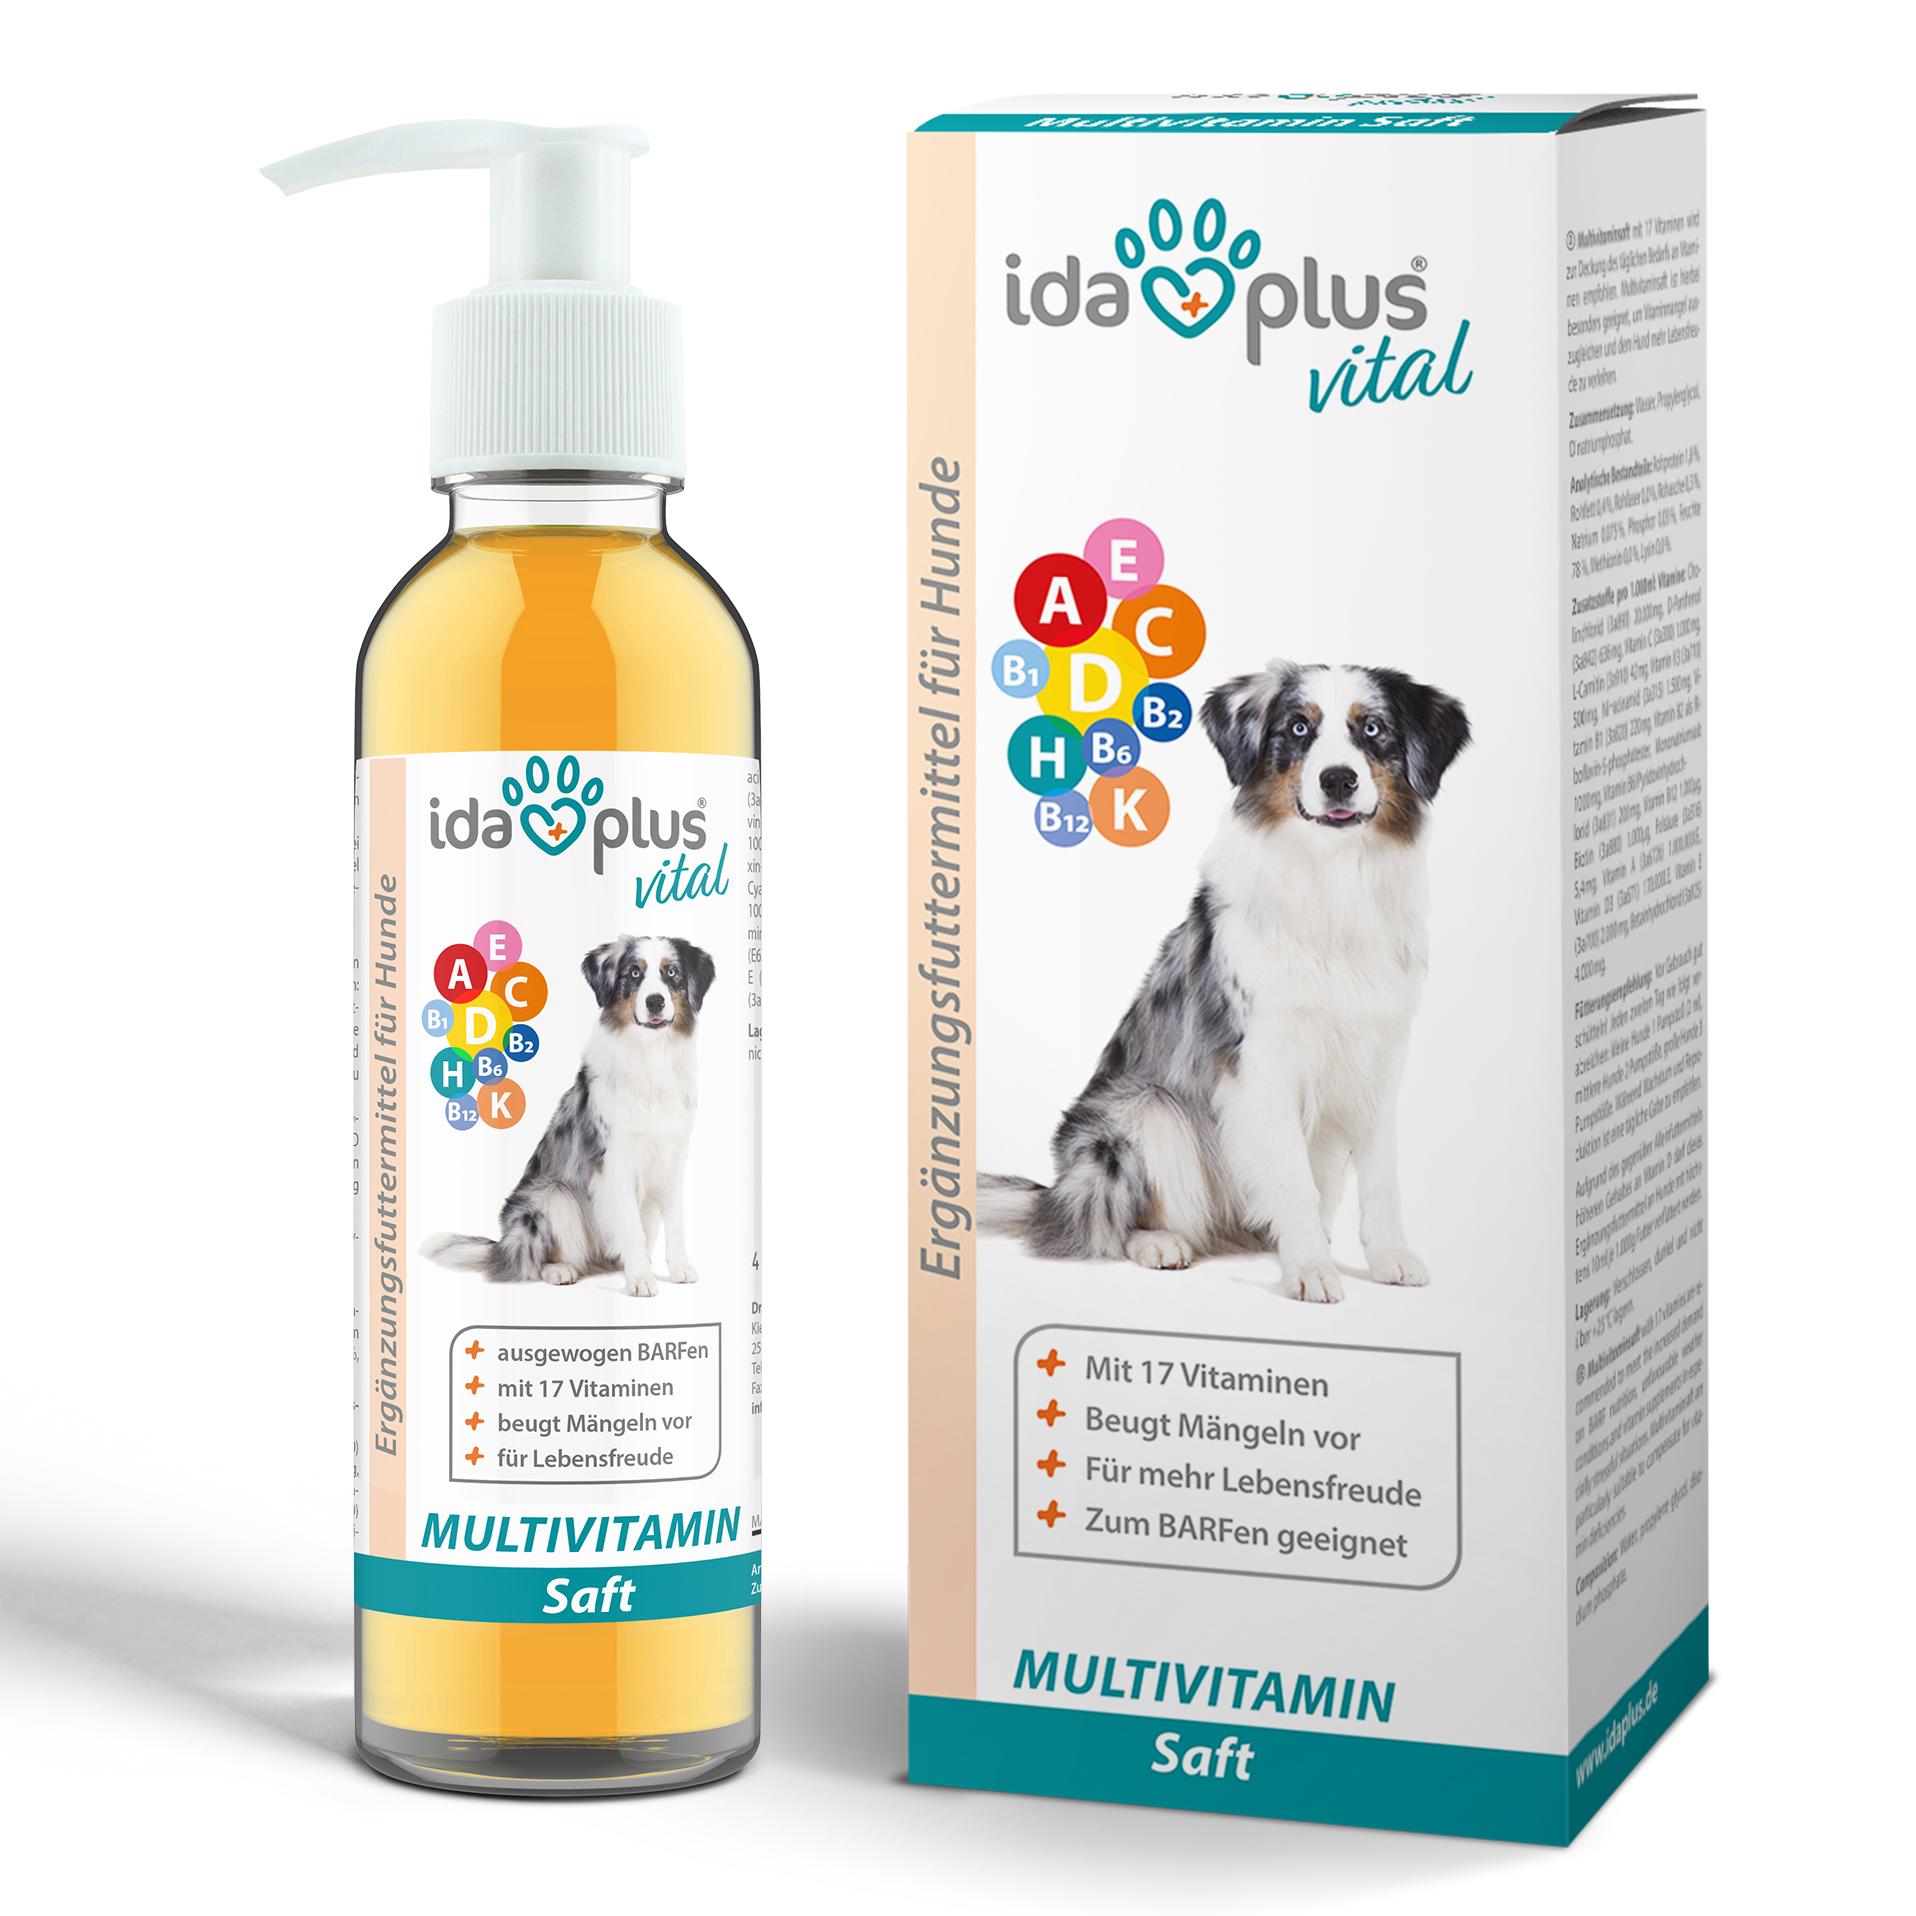 Multivitamin Saft für Hunde - 17 wichtige Vitamine für den Hund - 200ml